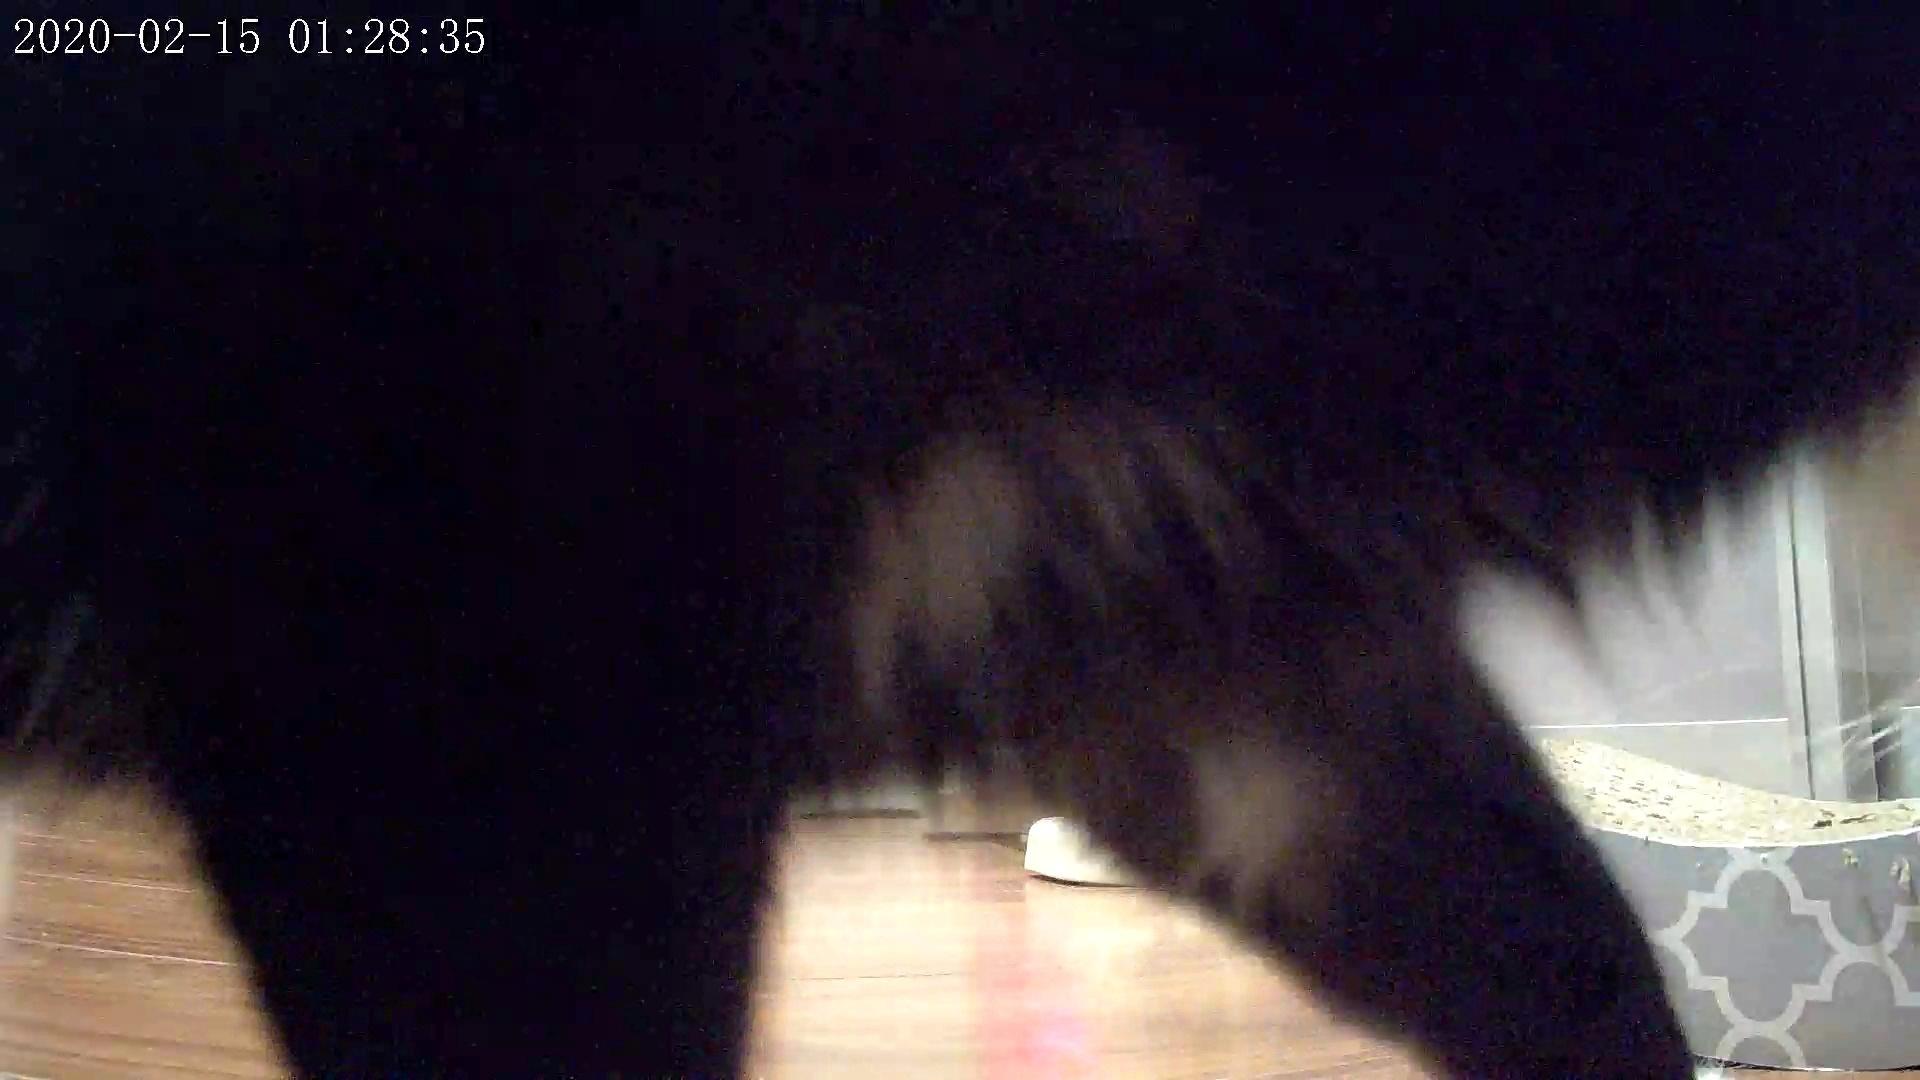 風鈴監視カメラ画像と直視画像と、マヨに期待_e0144012_20331302.jpeg